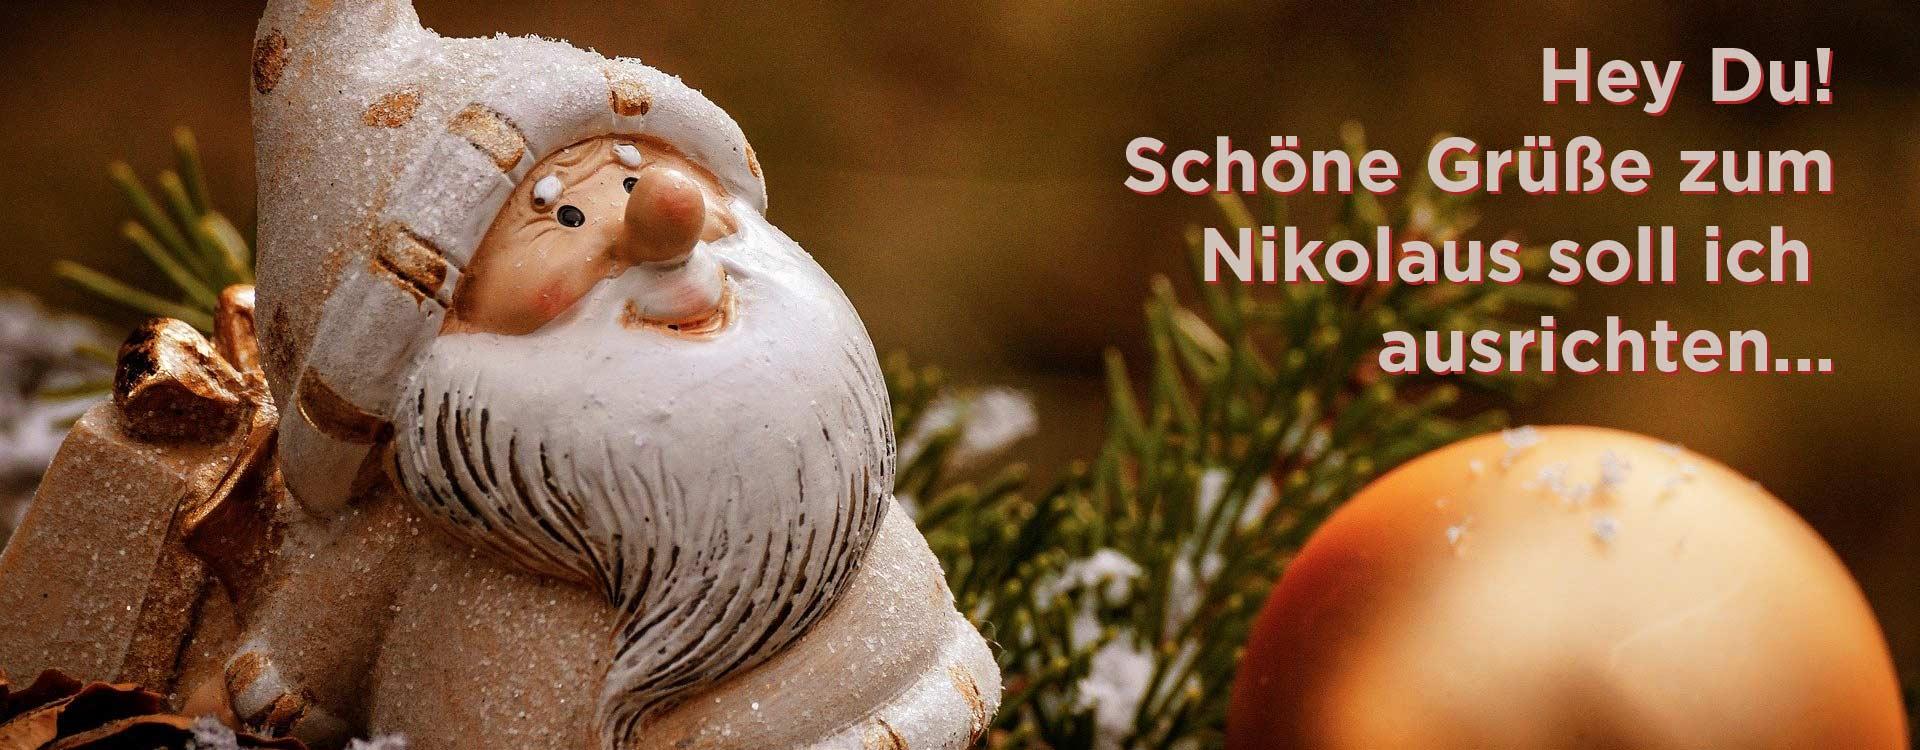 Nikolausgrüße und Sprüche machen Spaß und wünschen alles Liebe zum Nikolaus